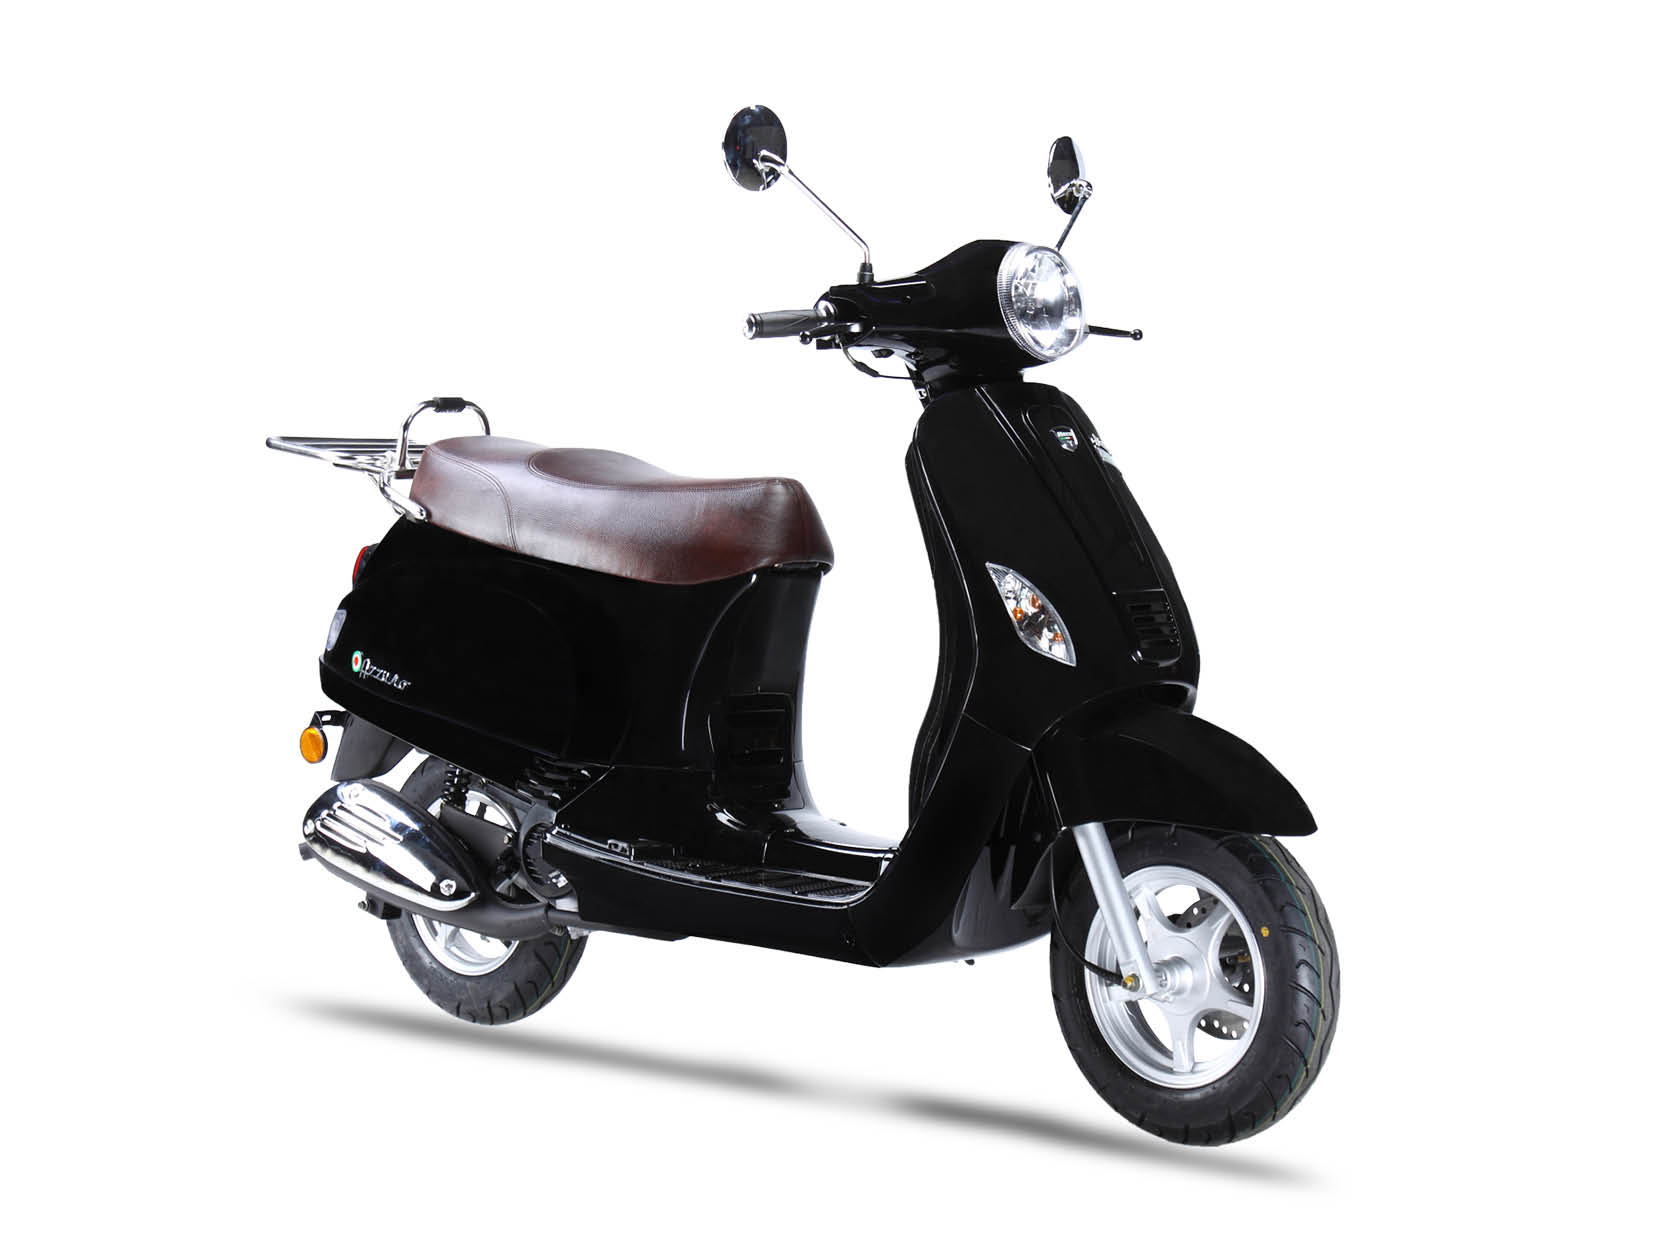 DG Wheels - Kymco People S 125